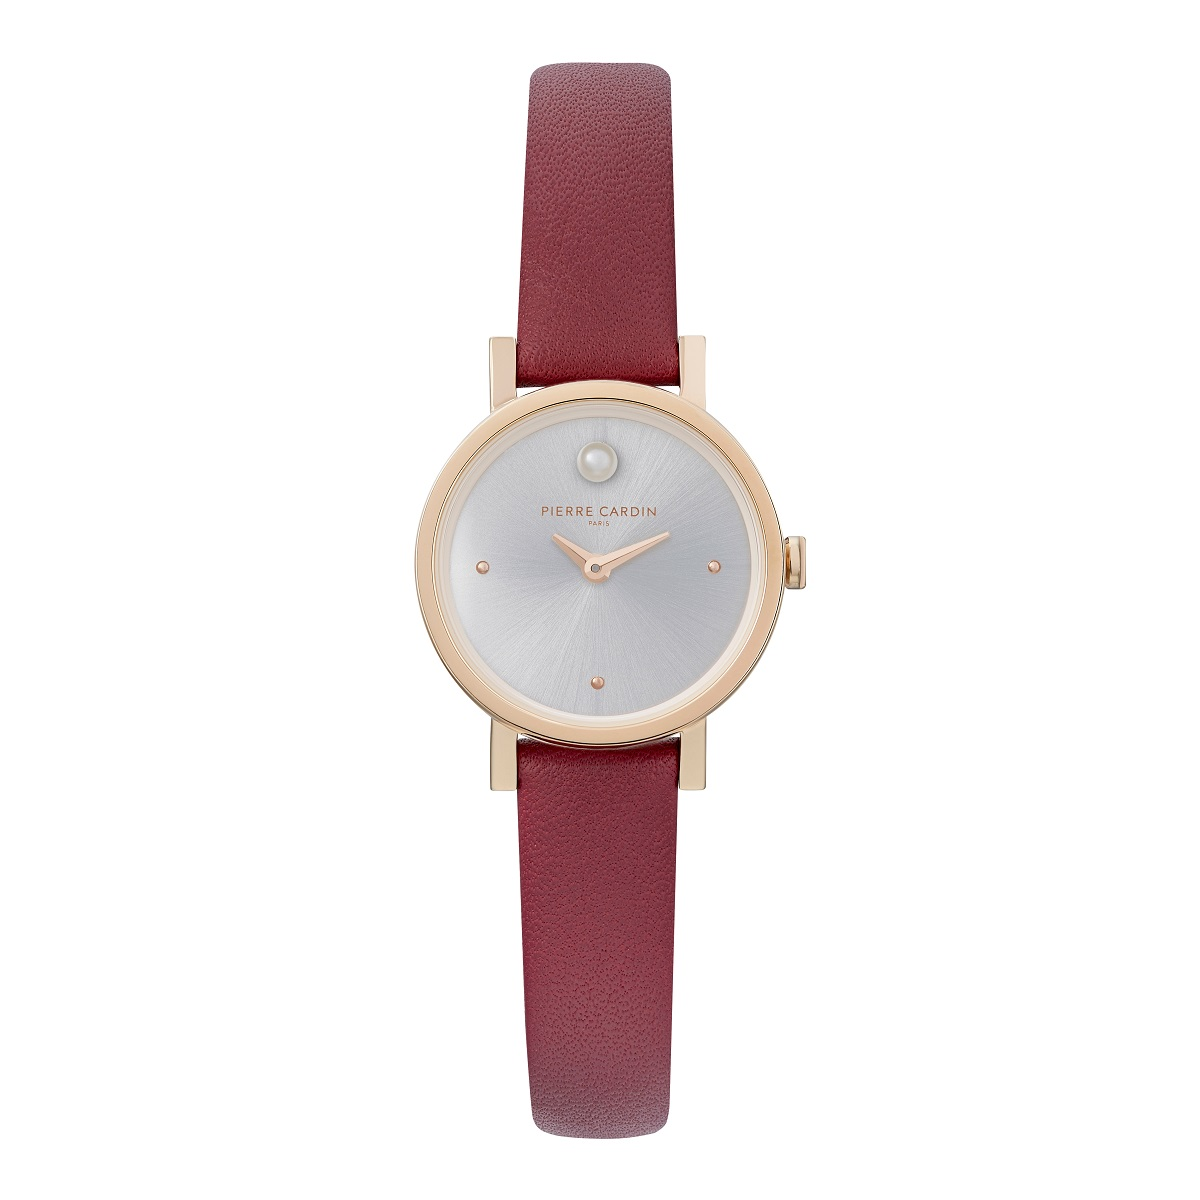 Nếu không thích dạng dây kim loại, bạn có thể tham khảo mẫu đồng hồ nữ Pierre Cardin CCM.0507 với dây đeo da màu đỏ cùng viền thép không gỉ mạ vàng. Mặt số tối giản màu xám bạc, hai kim giờ, phút, không có số. Sản phẩm có giá giảm 30% còn 2,52 triệu đồng (giá gốc 3,6 triệu đồng).